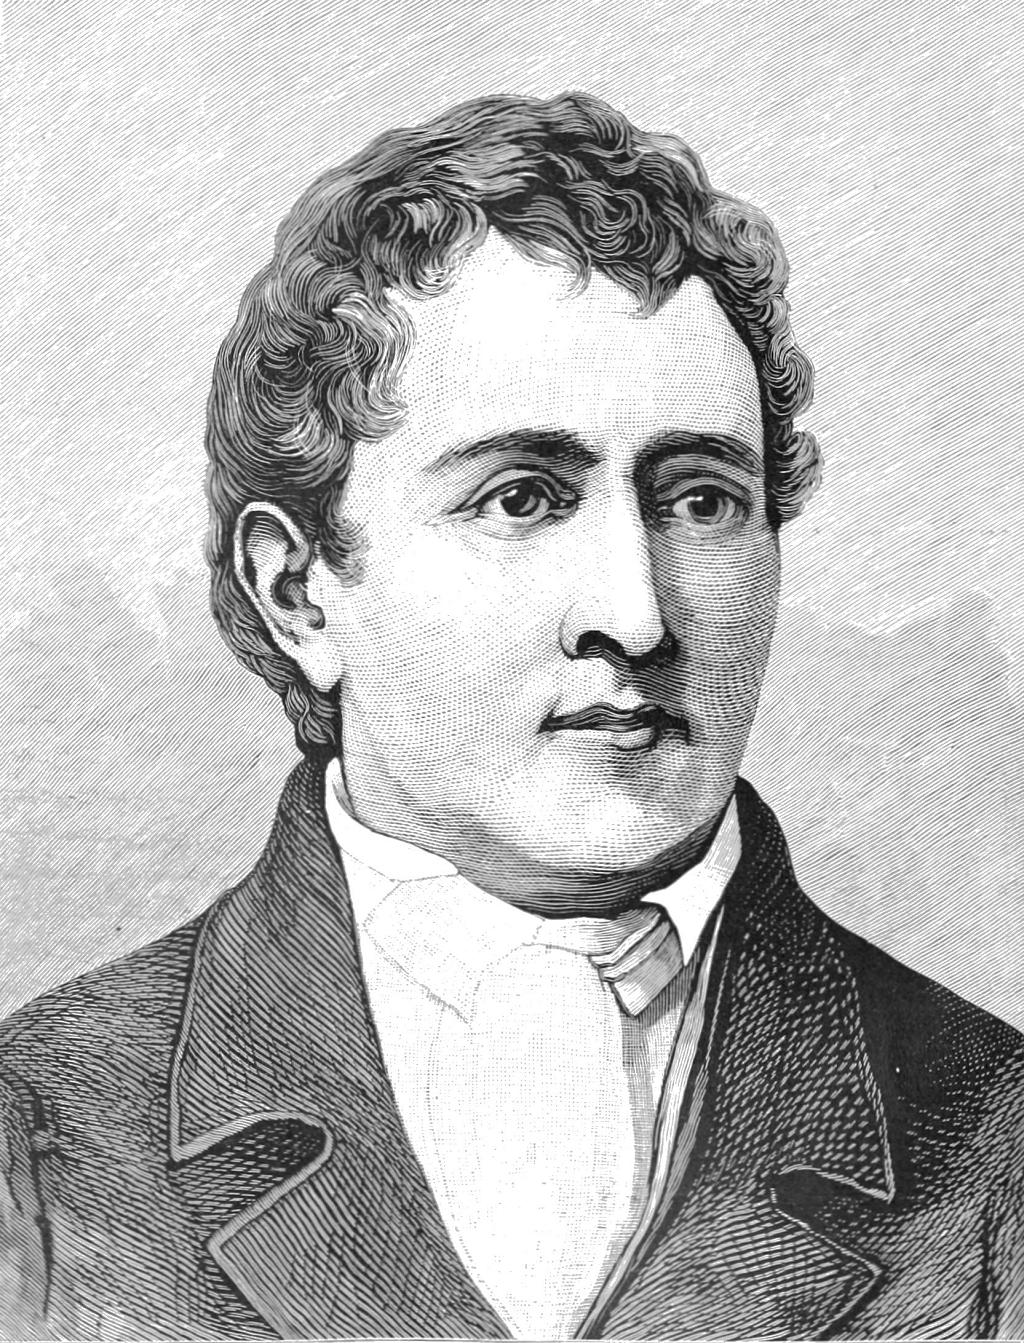 Carl Wilhem Scheele